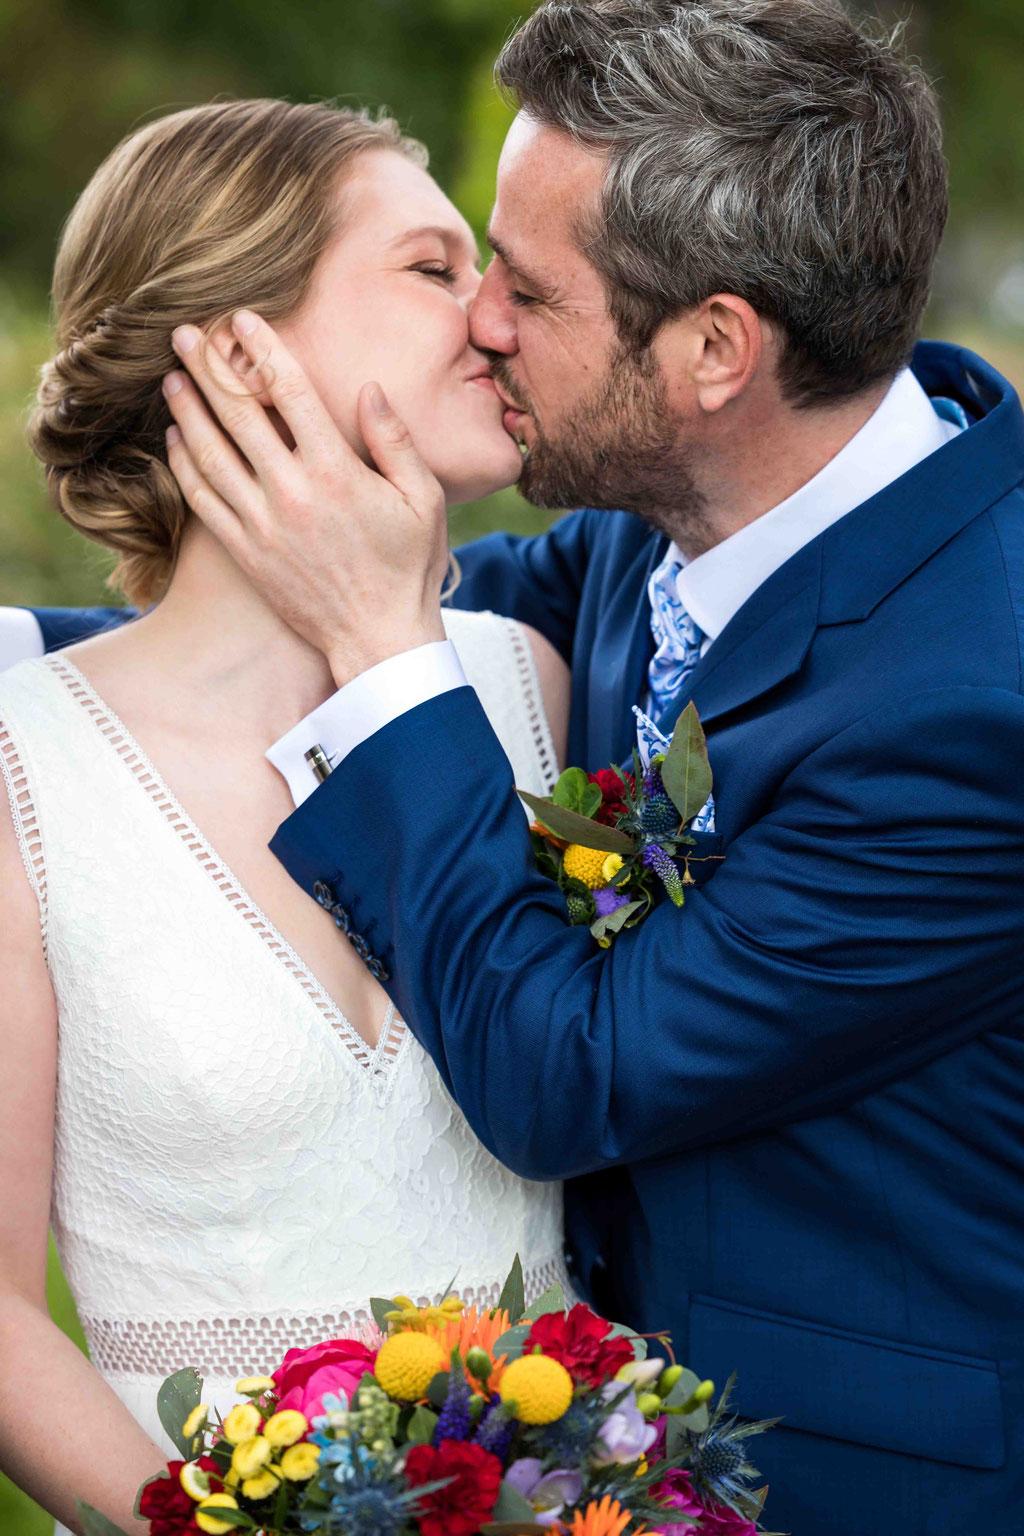 Hochzeitskuss, Hochzeitsbild Kuss der Braut, Kiss the bride, intensive Hochzeitsfotos, Romantische Hochzeitsbilder